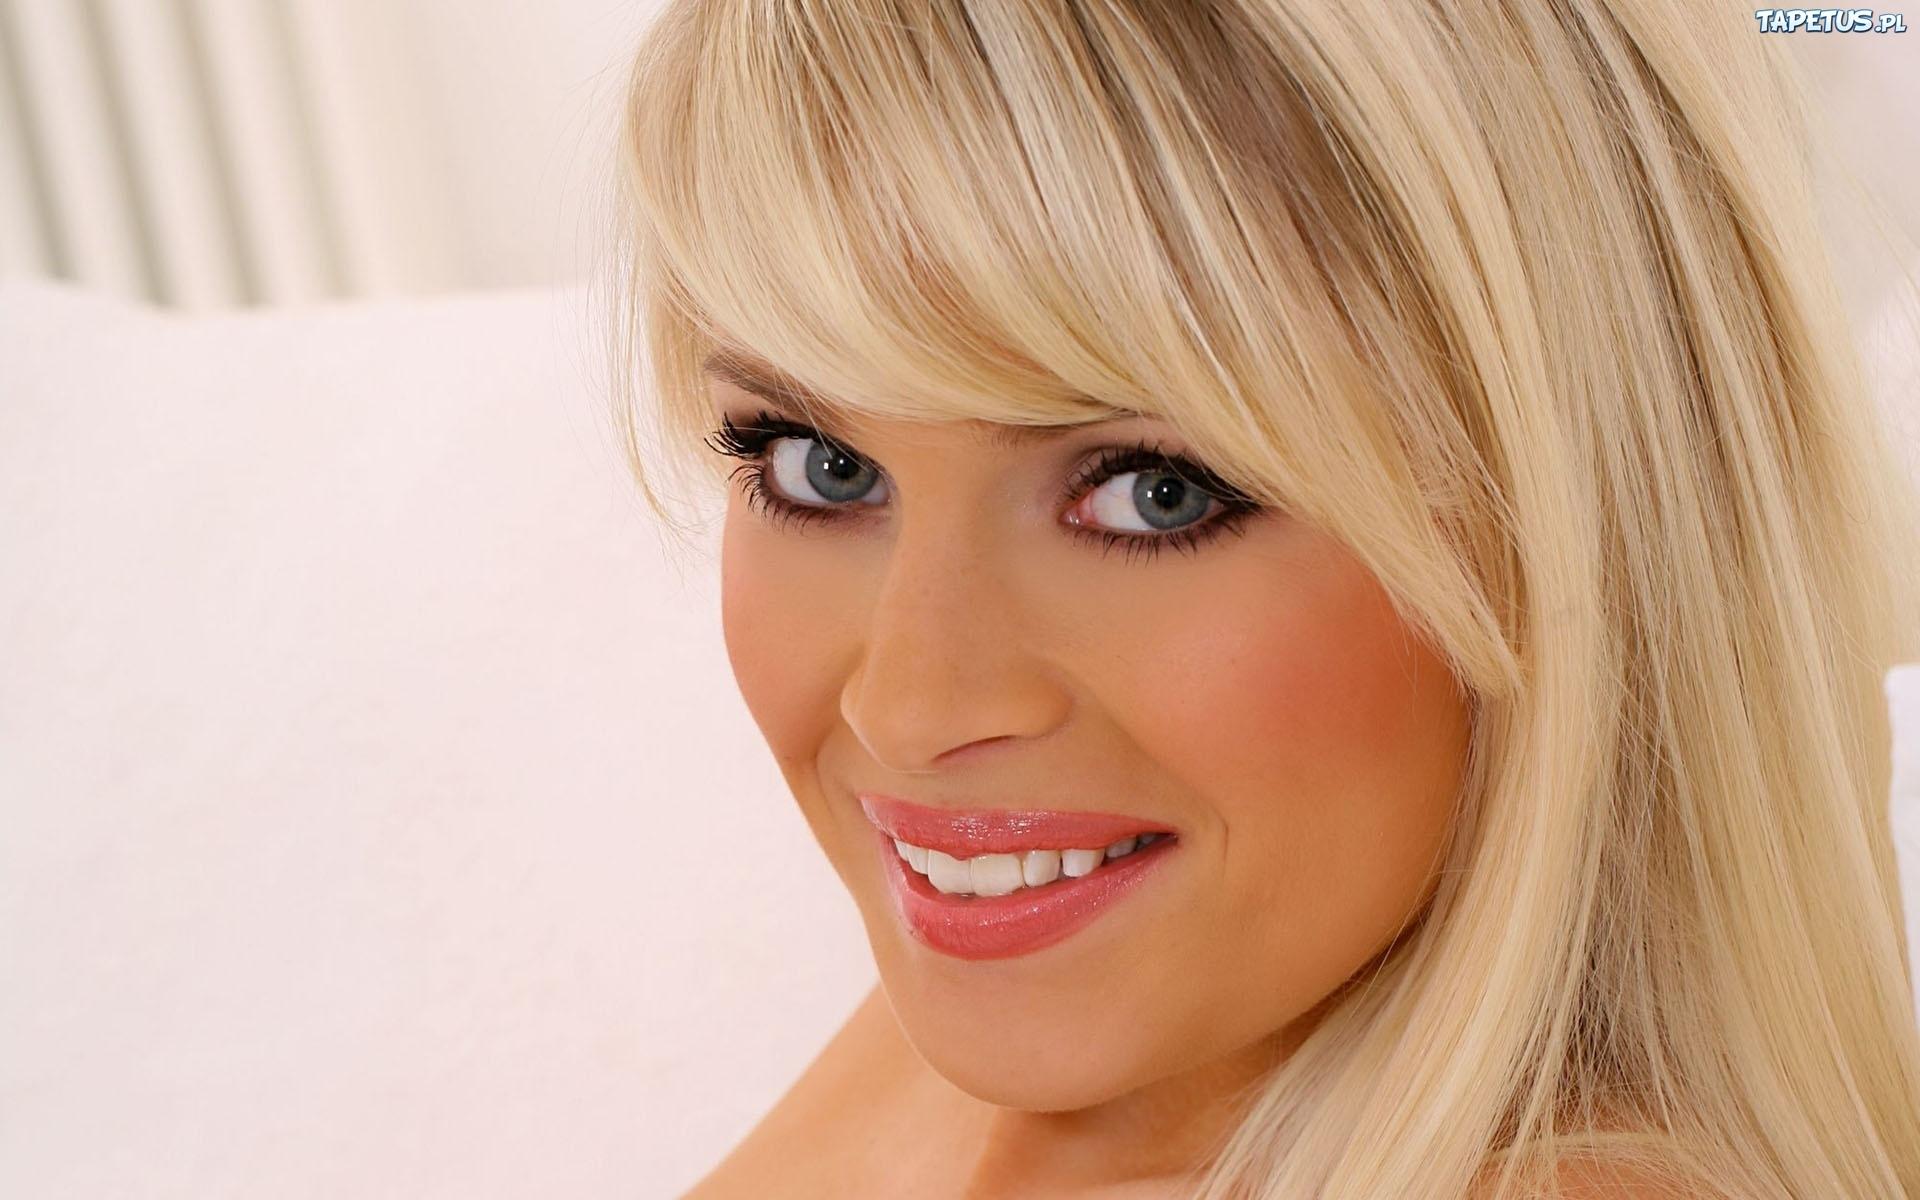 Danni Wells, Szeroki, Uśmiech, Blondynka: http://www.tapetus.pl/125329,danni-wells-szeroki-usmiech-blondynka.php